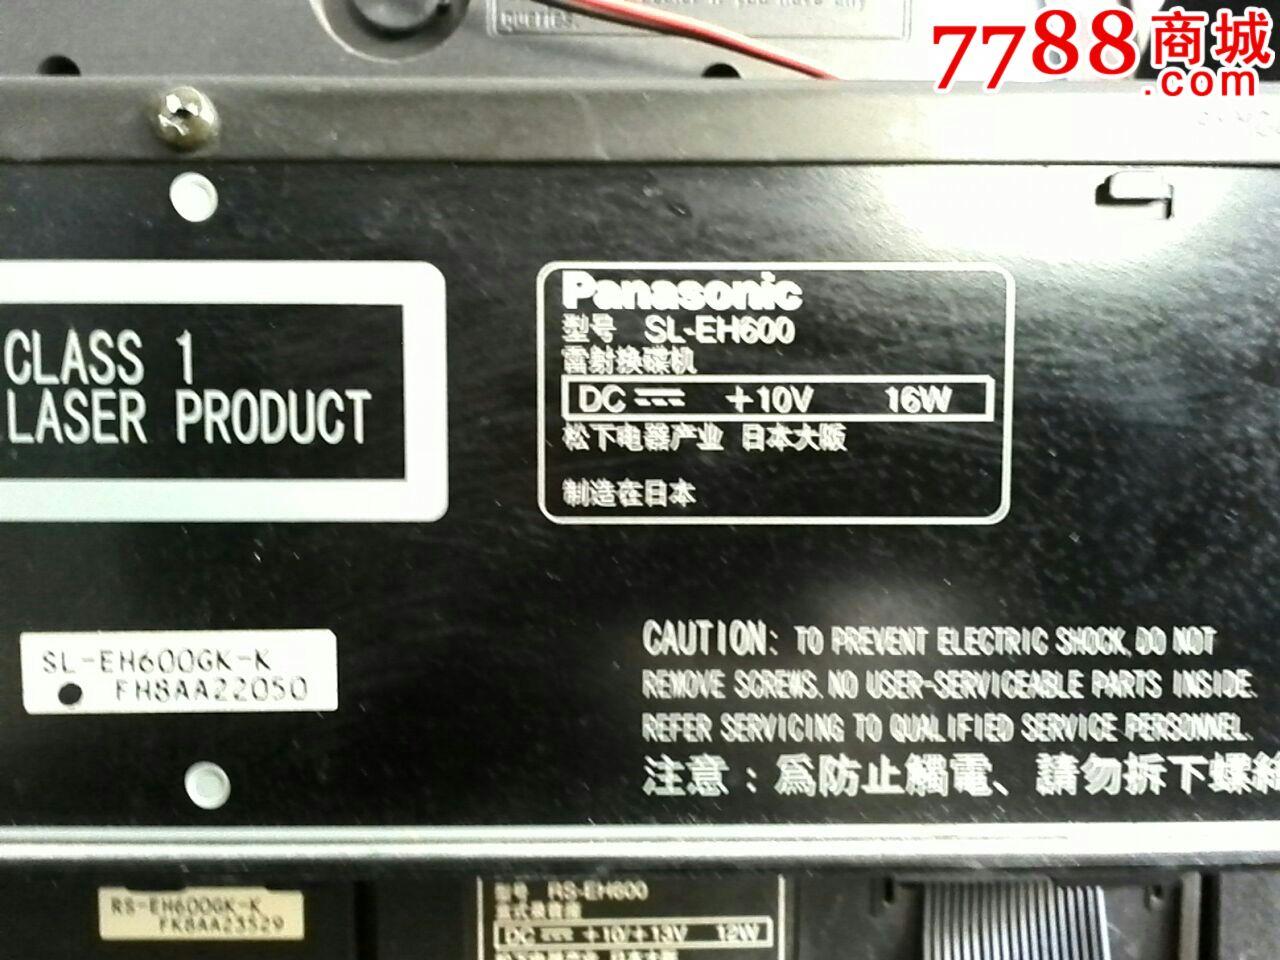 松下sc-vc968高端激光视盘组合音响_价格780元_第7张_7788收藏__中国